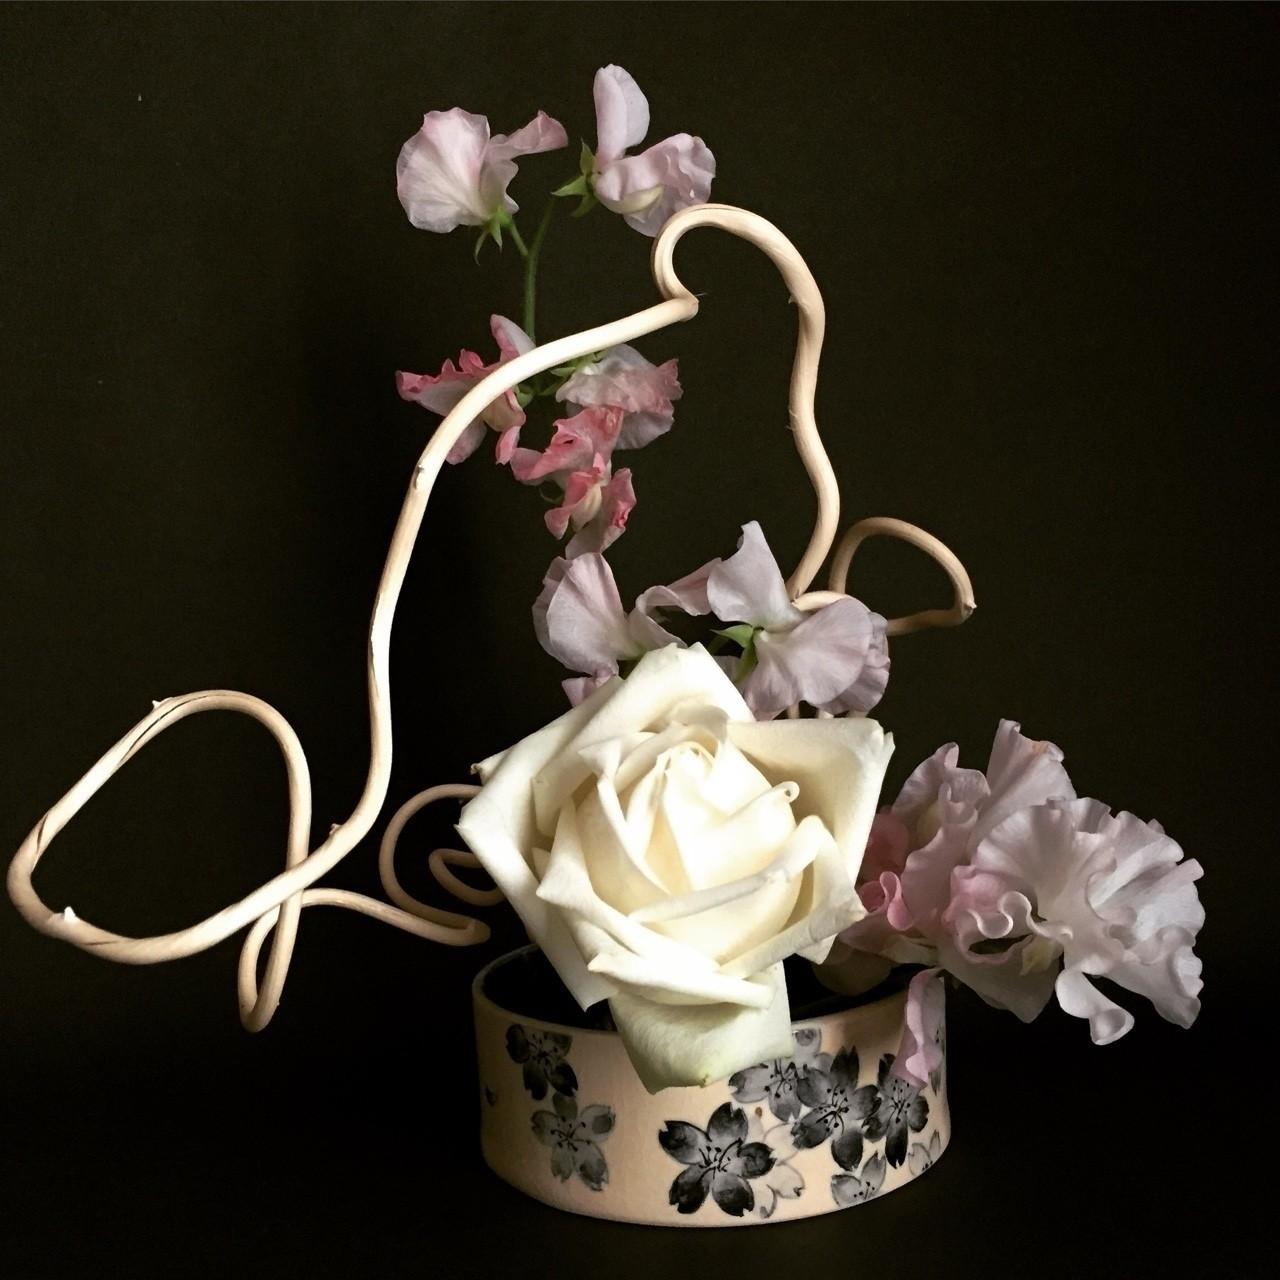 漂白蔓、薔薇、スイートピー 春の香りを感じられるようにと思いましたが、実は春らしい花材は使っていない。 #いけばな #生け花 #草月 #草月流 #花 #植物 #アート #デザイン #いけばな男子#花のある暮らし